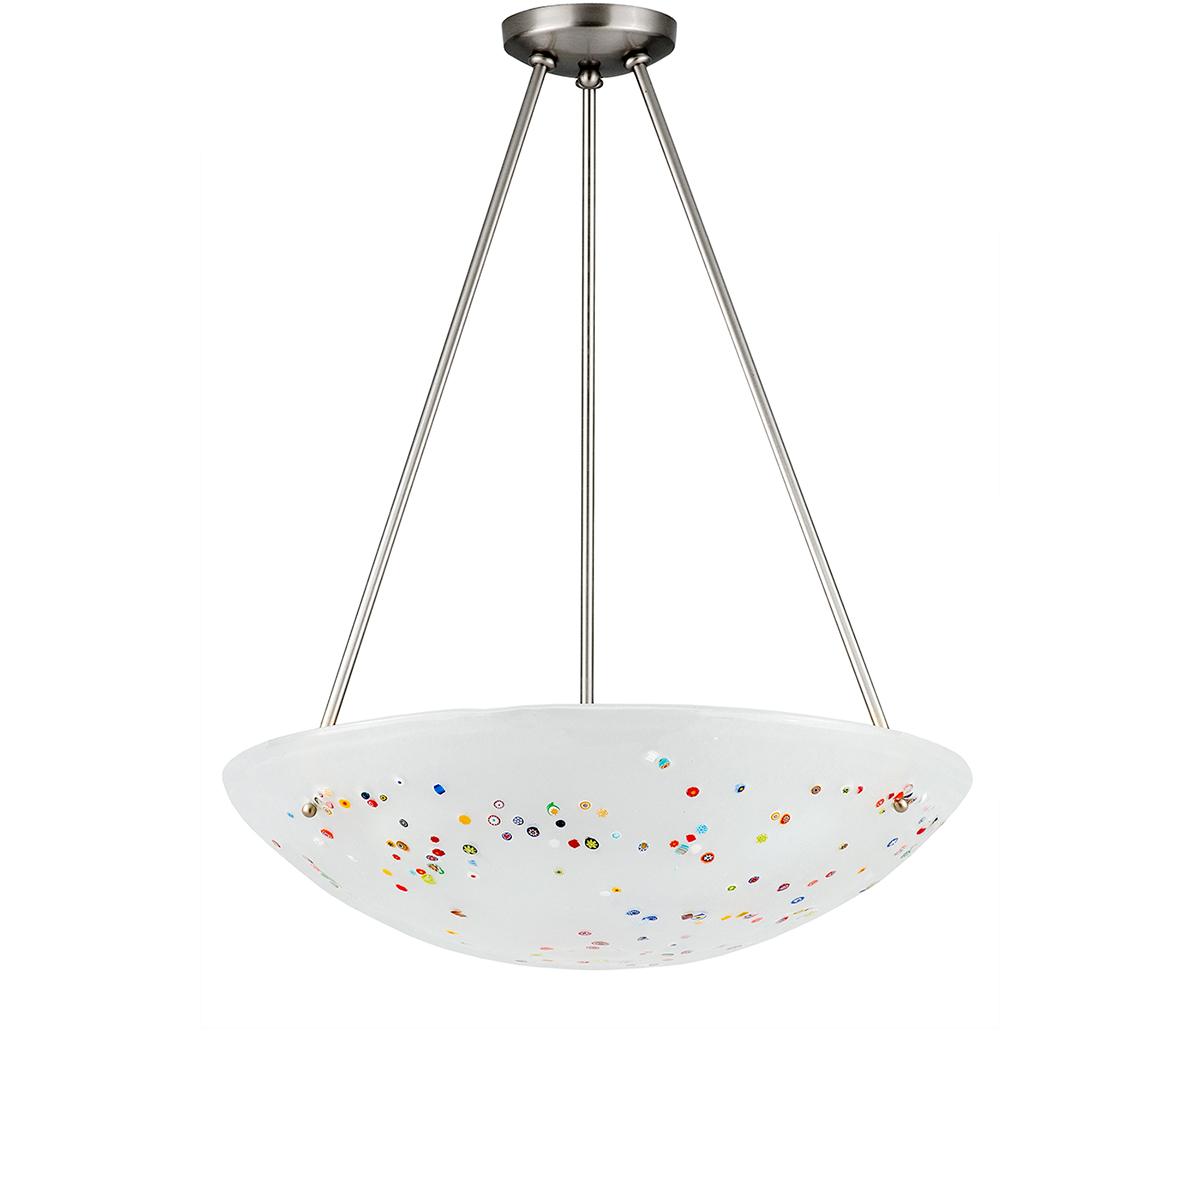 Φωτιστικό μονόφωτο MURRINA suspension lamp